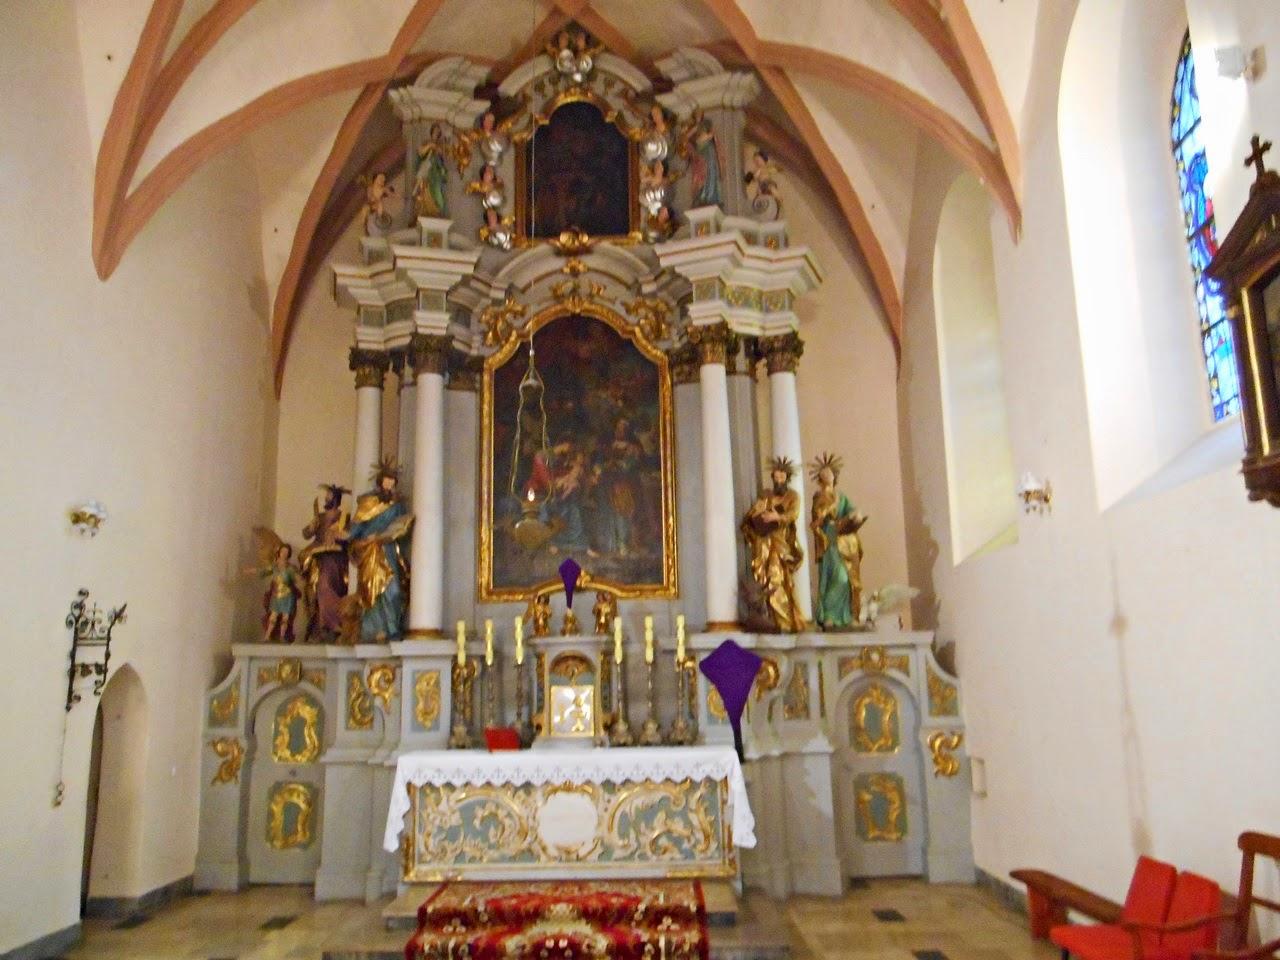 figury, święci, obrazy, sztuka sakralna